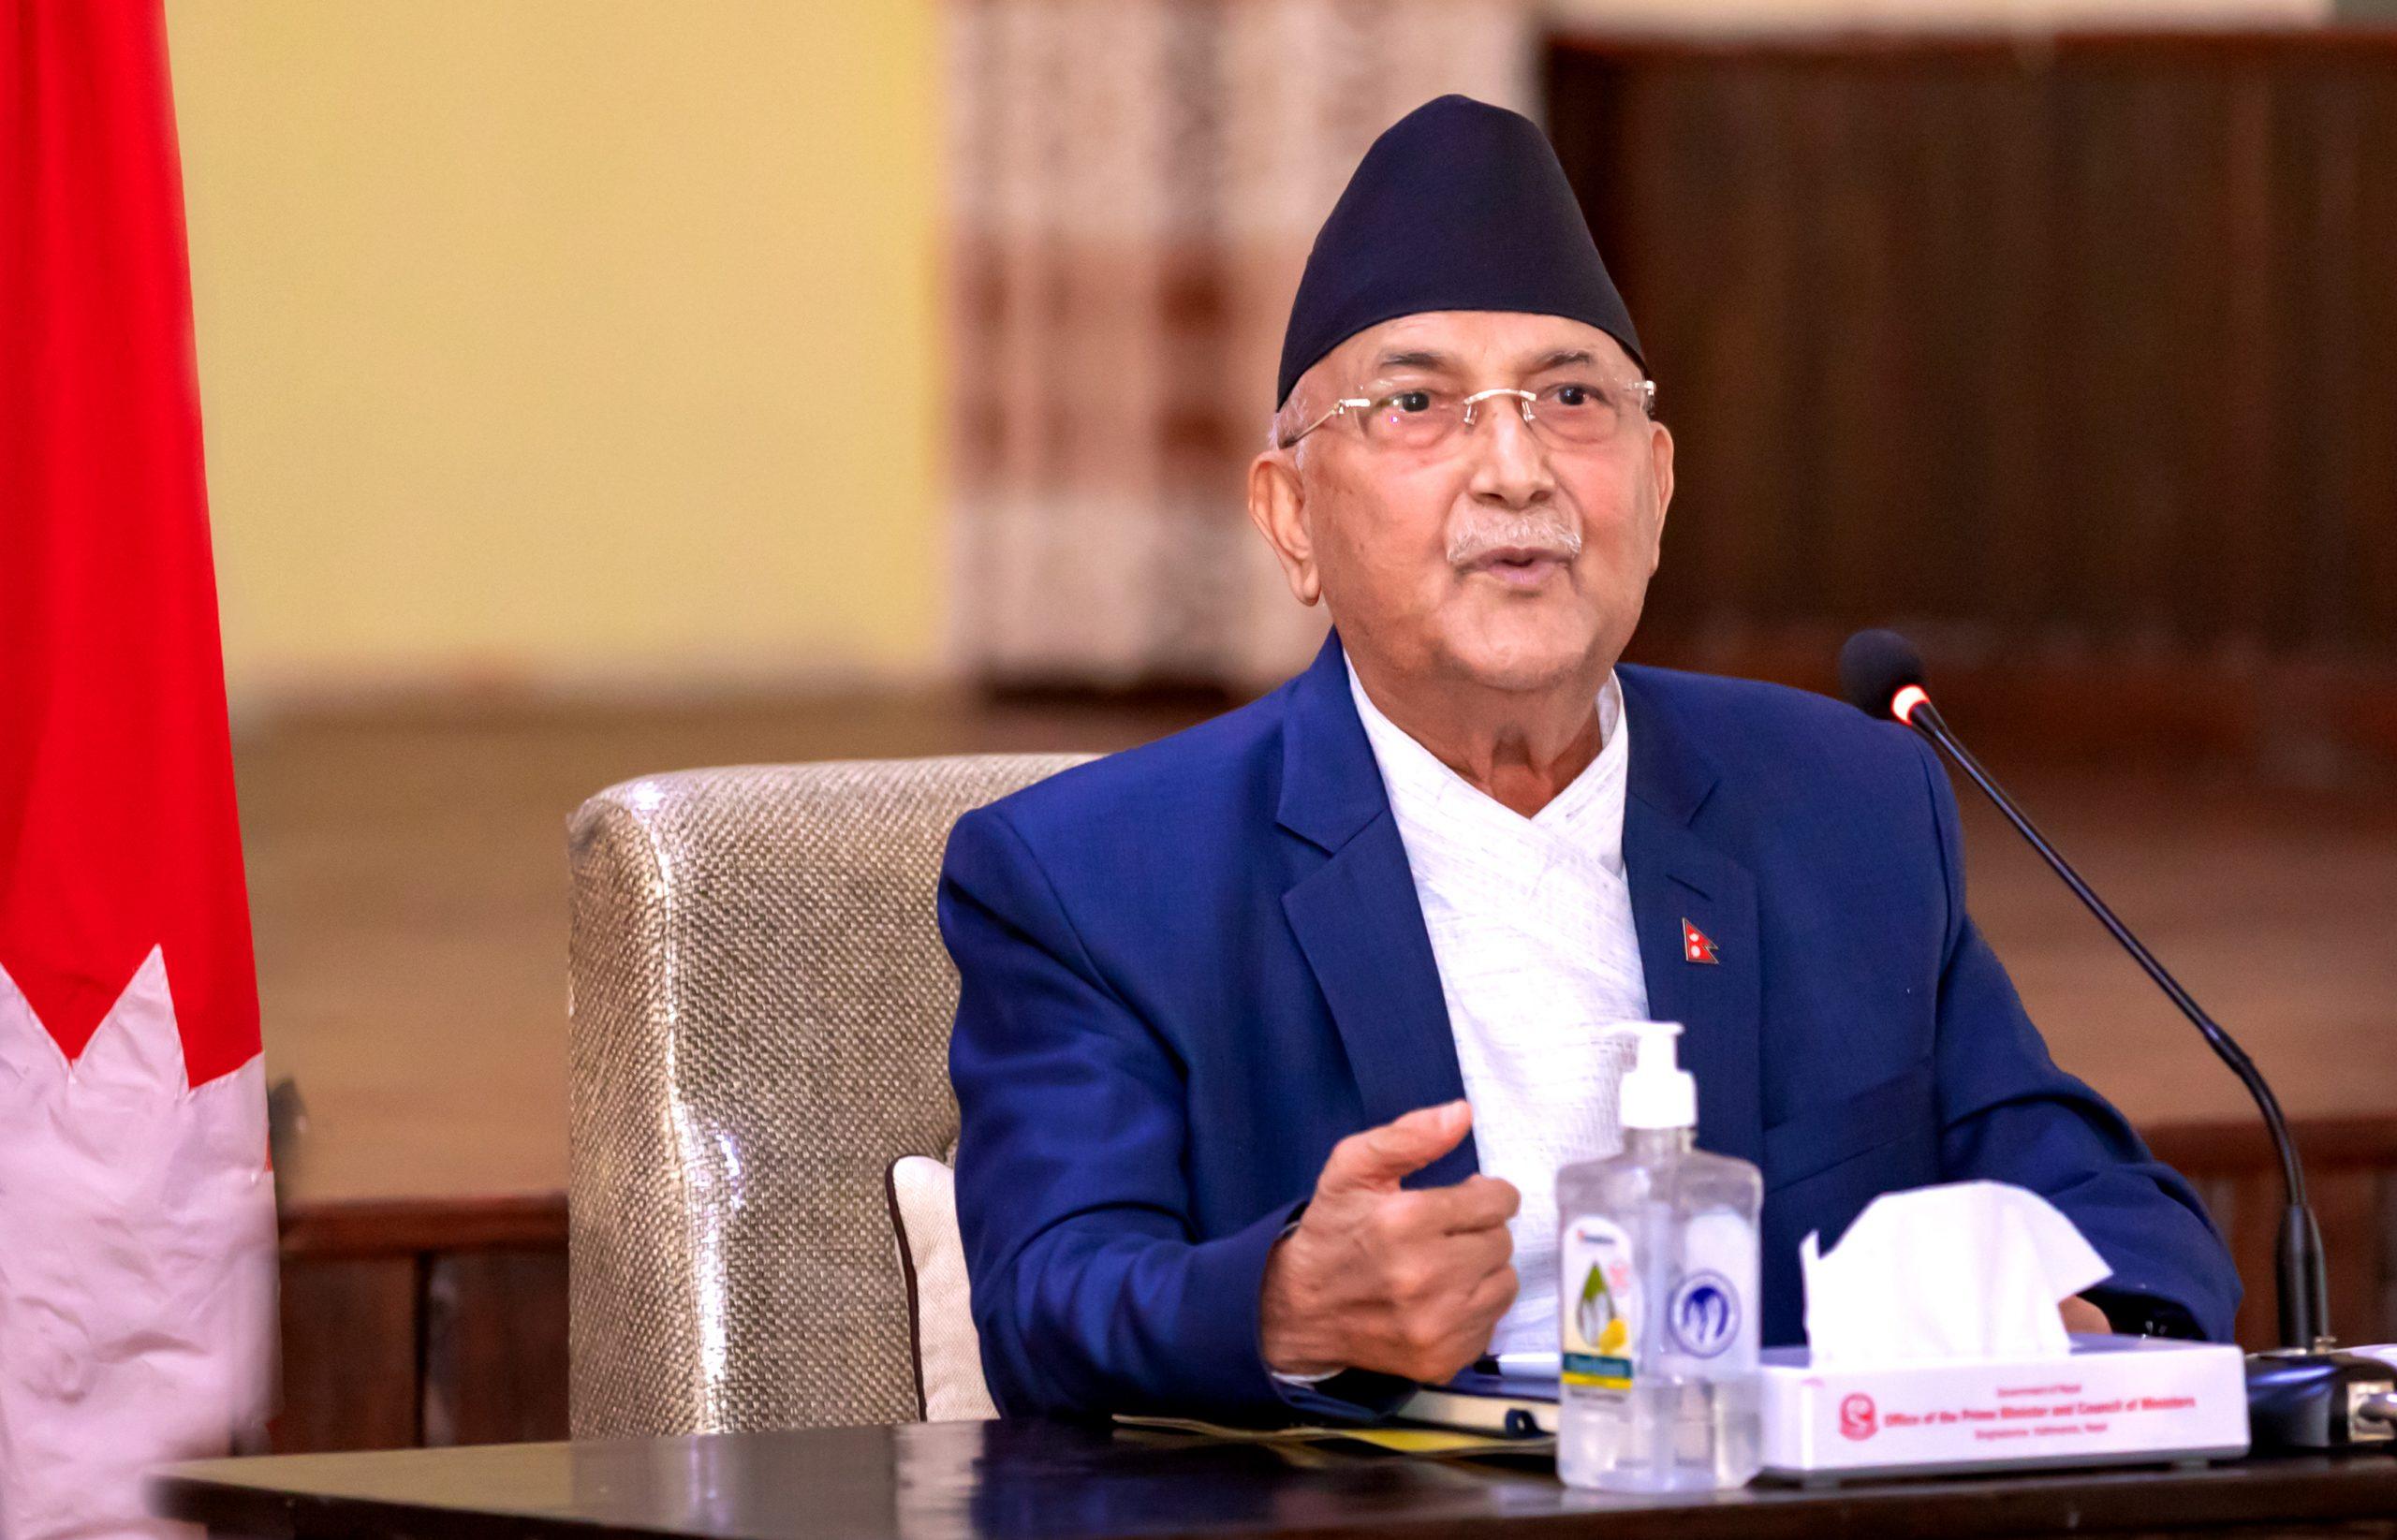 ओली-नेपाल भेटवार्ताः समानान्तर गतिविधि नगर्न ओलीकाे चेतावनी